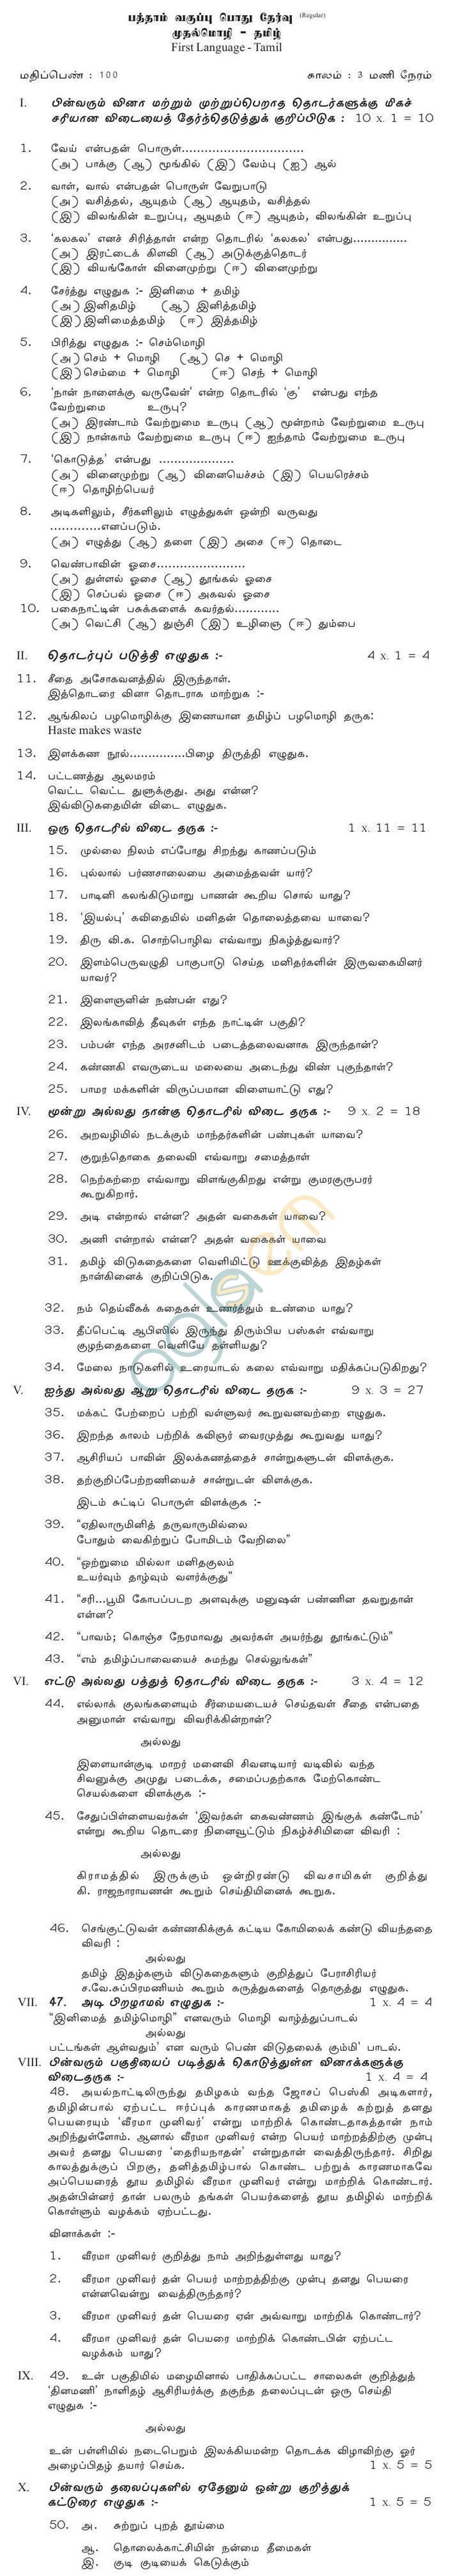 Karnataka Board SSLC Model Question Papers 2015 forTamil